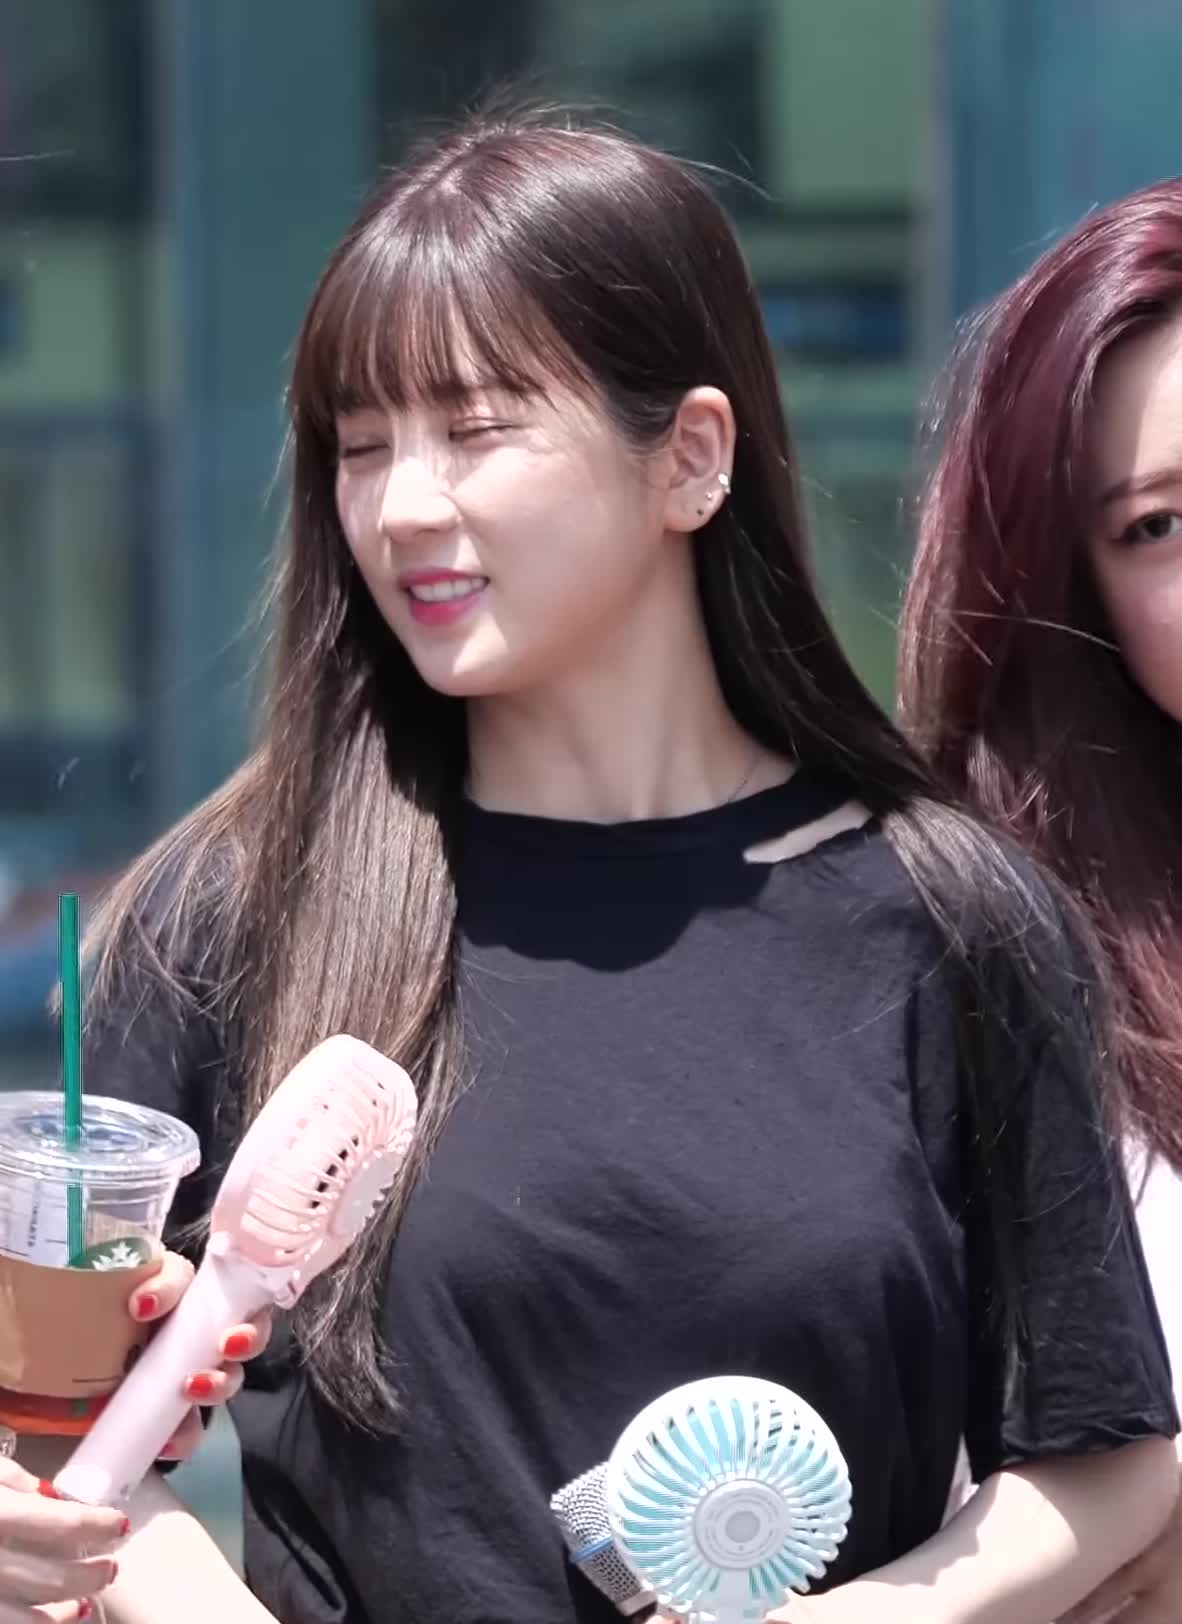 에이핑크, 초롱, Apink Chorong's Fan Lends a Hand Extended GIFs